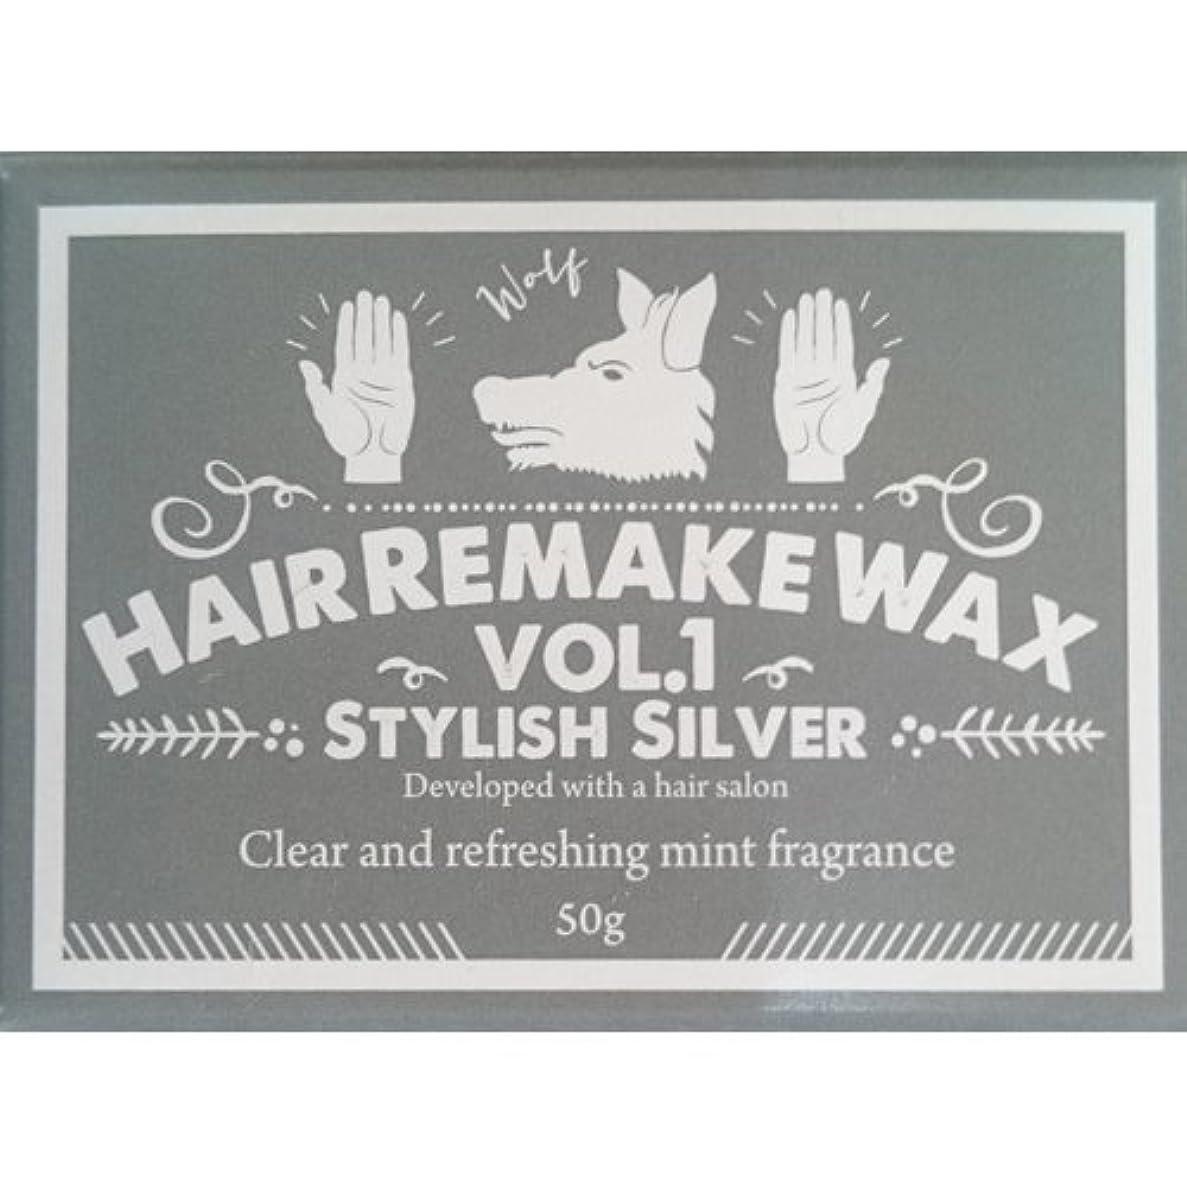 パキスタン極めて重要な領収書Hair Remake(ヘアーリメイク)WAX Vol.1 スタイリッシュシルバー 50g